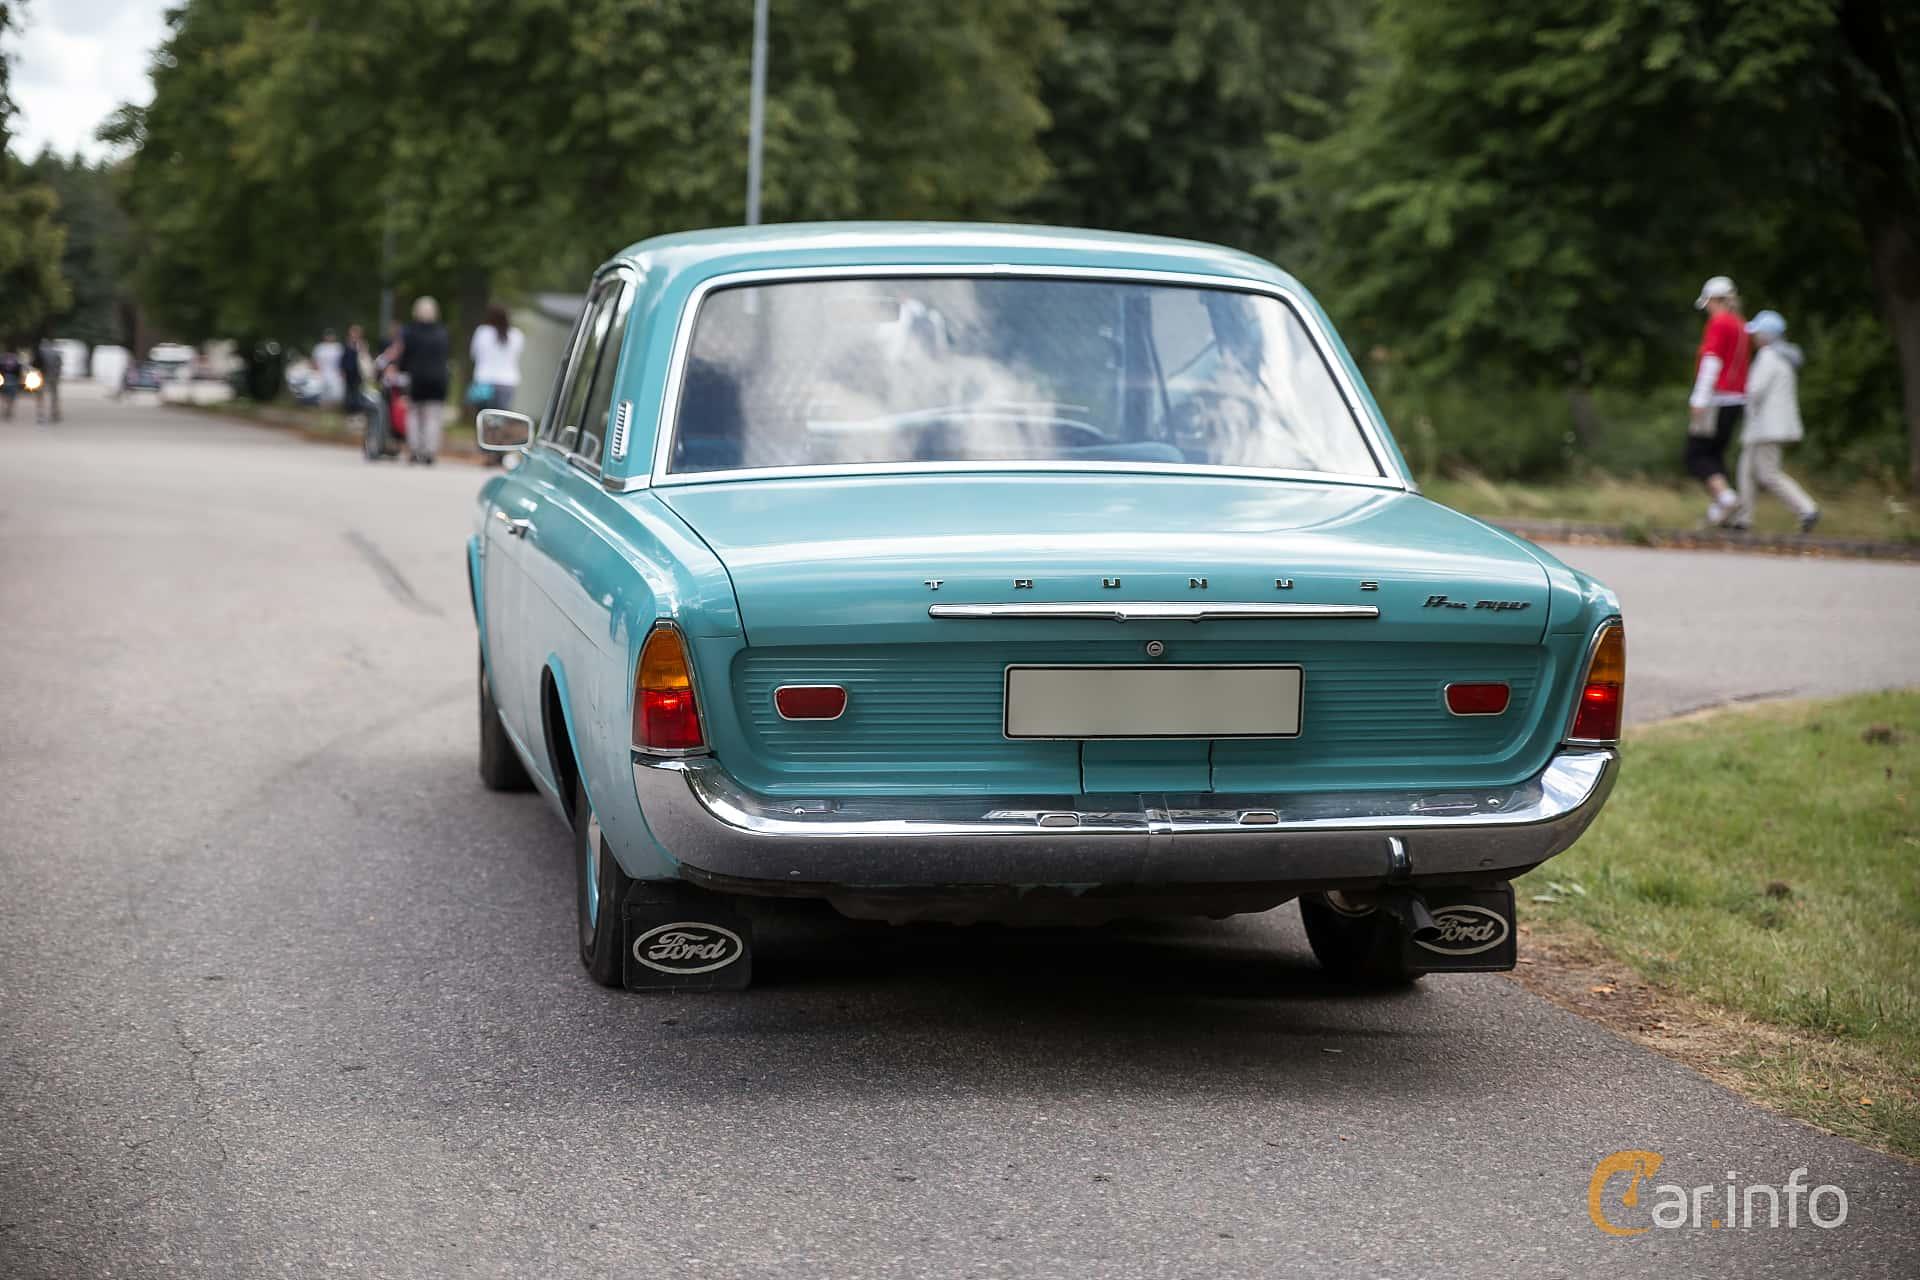 Ford Taunus 2-dörrar Limousine 1.7 Manuell, 71hk, 1965 at Nyköpings flyg- och motordag 2015